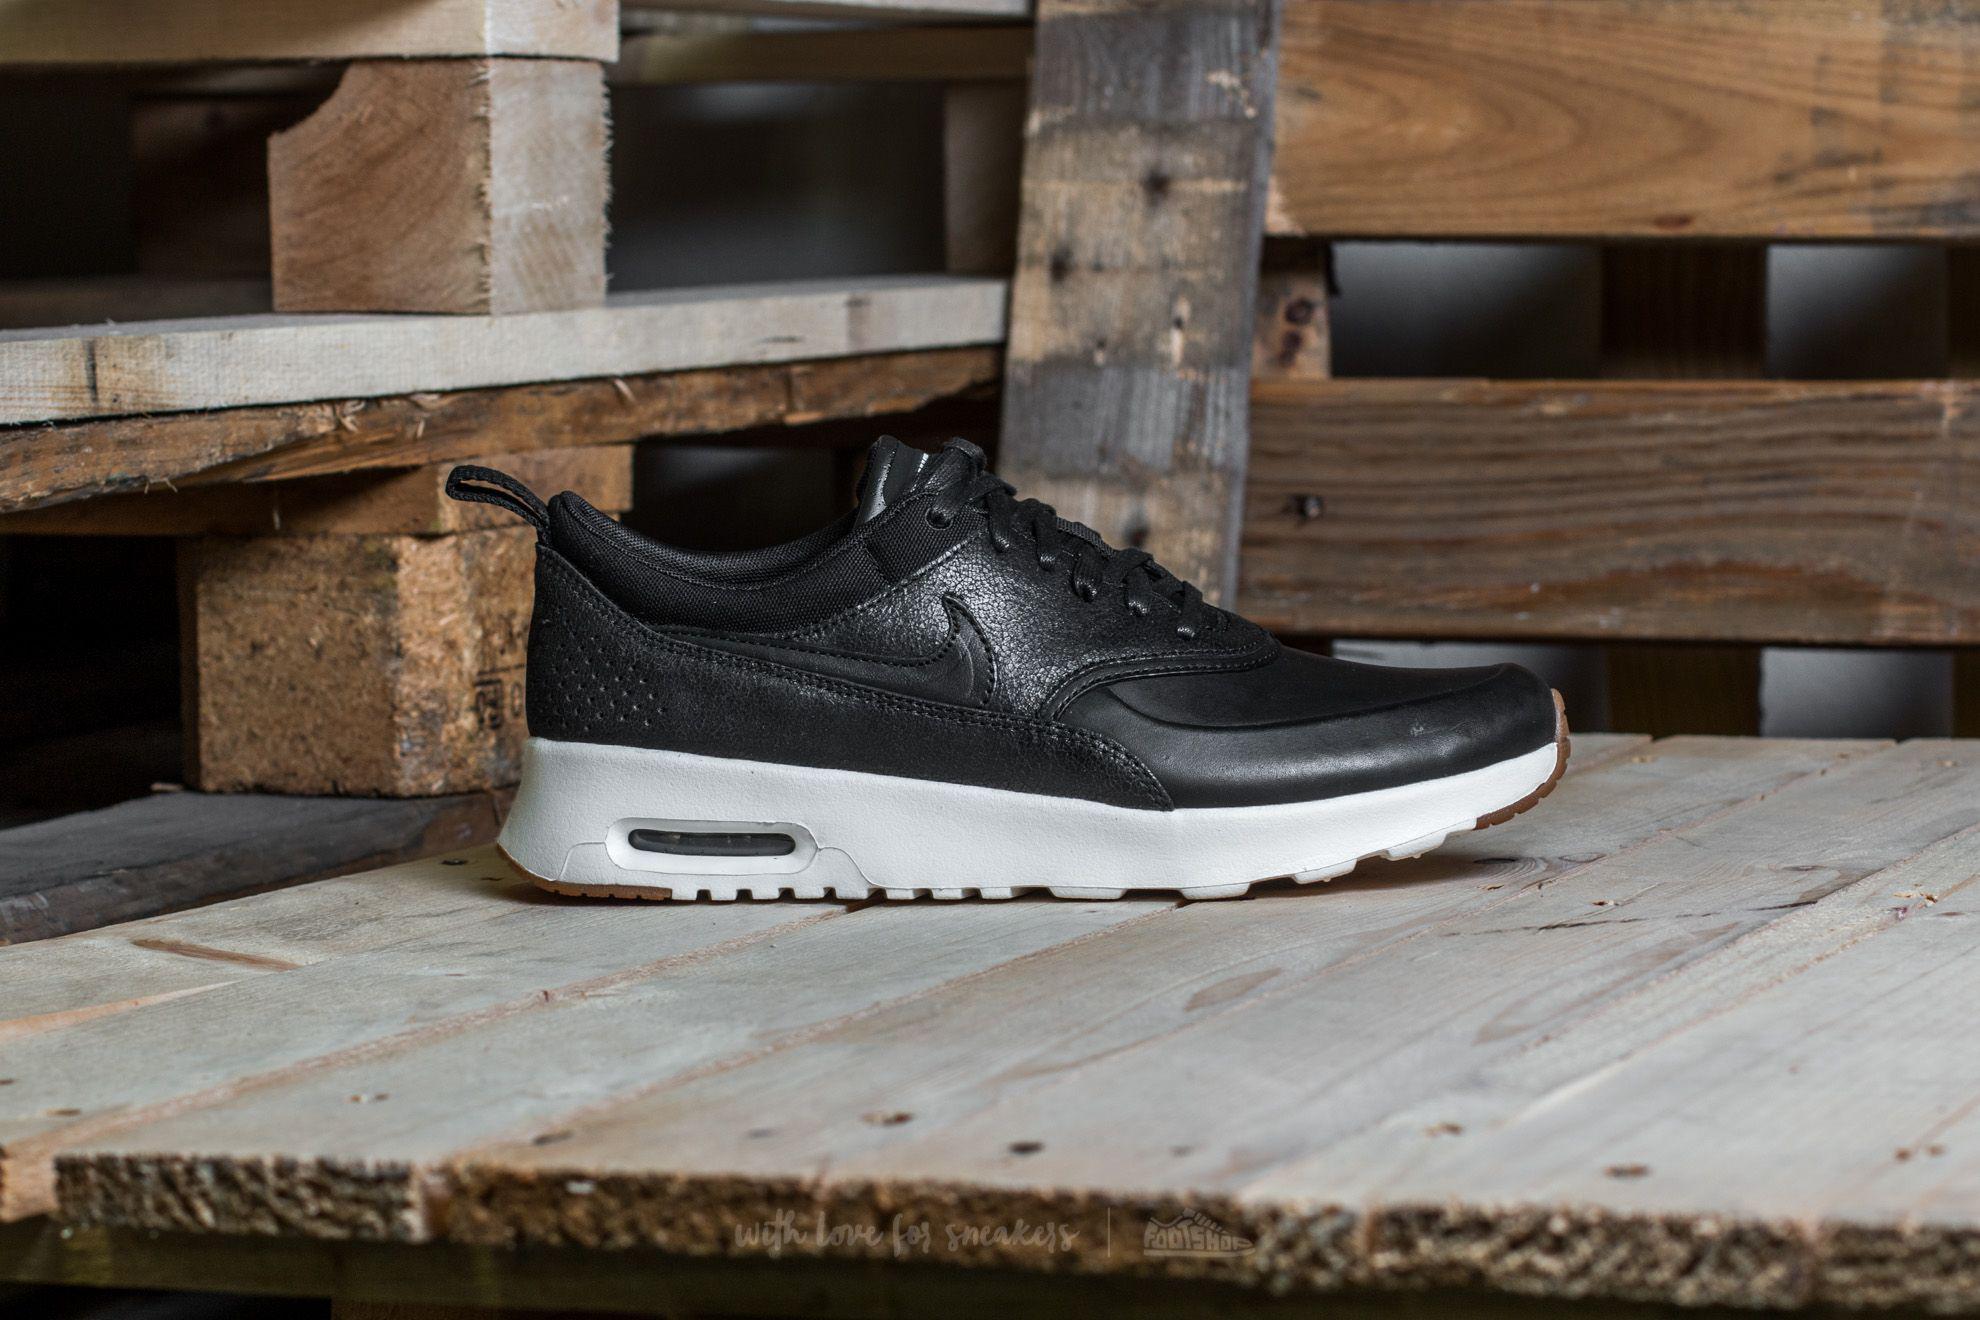 Nike Wmns Air Max Thea Premium Black Sail Gum Medium Brown